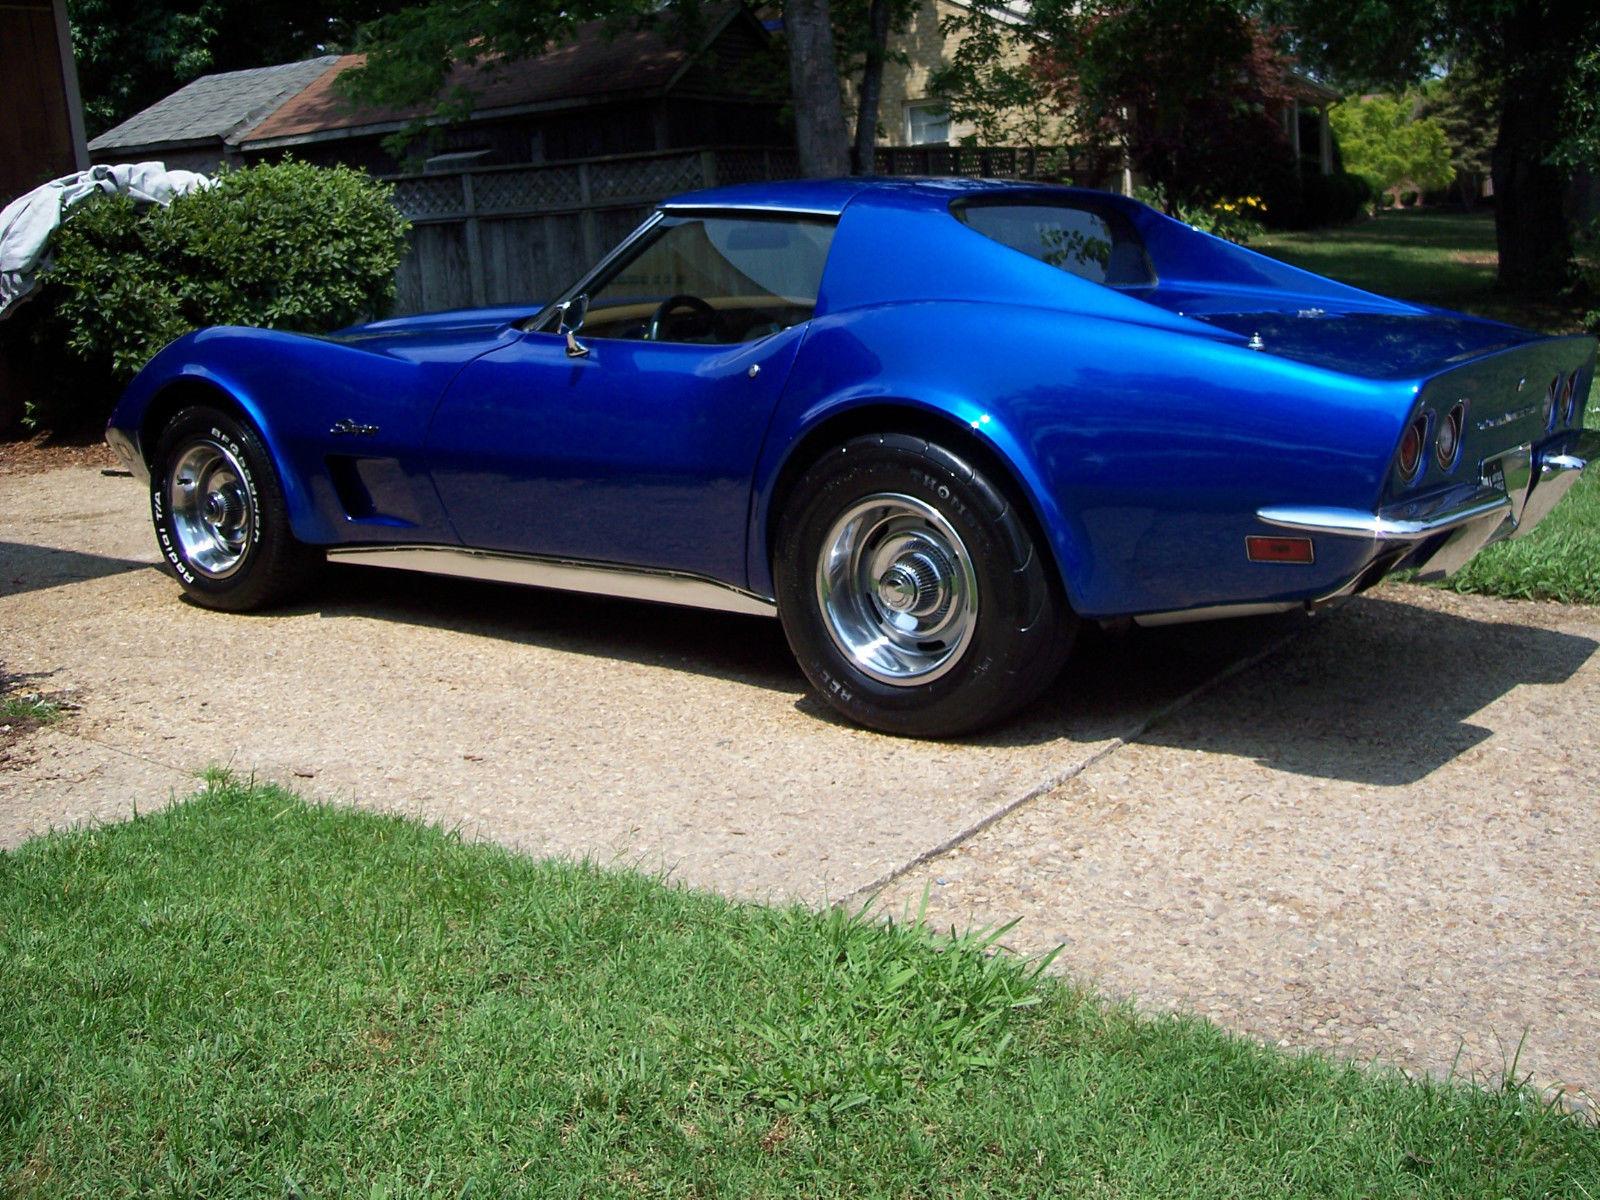 1973 Chevrolet Corvette Stingray T Top Built 350 Motor